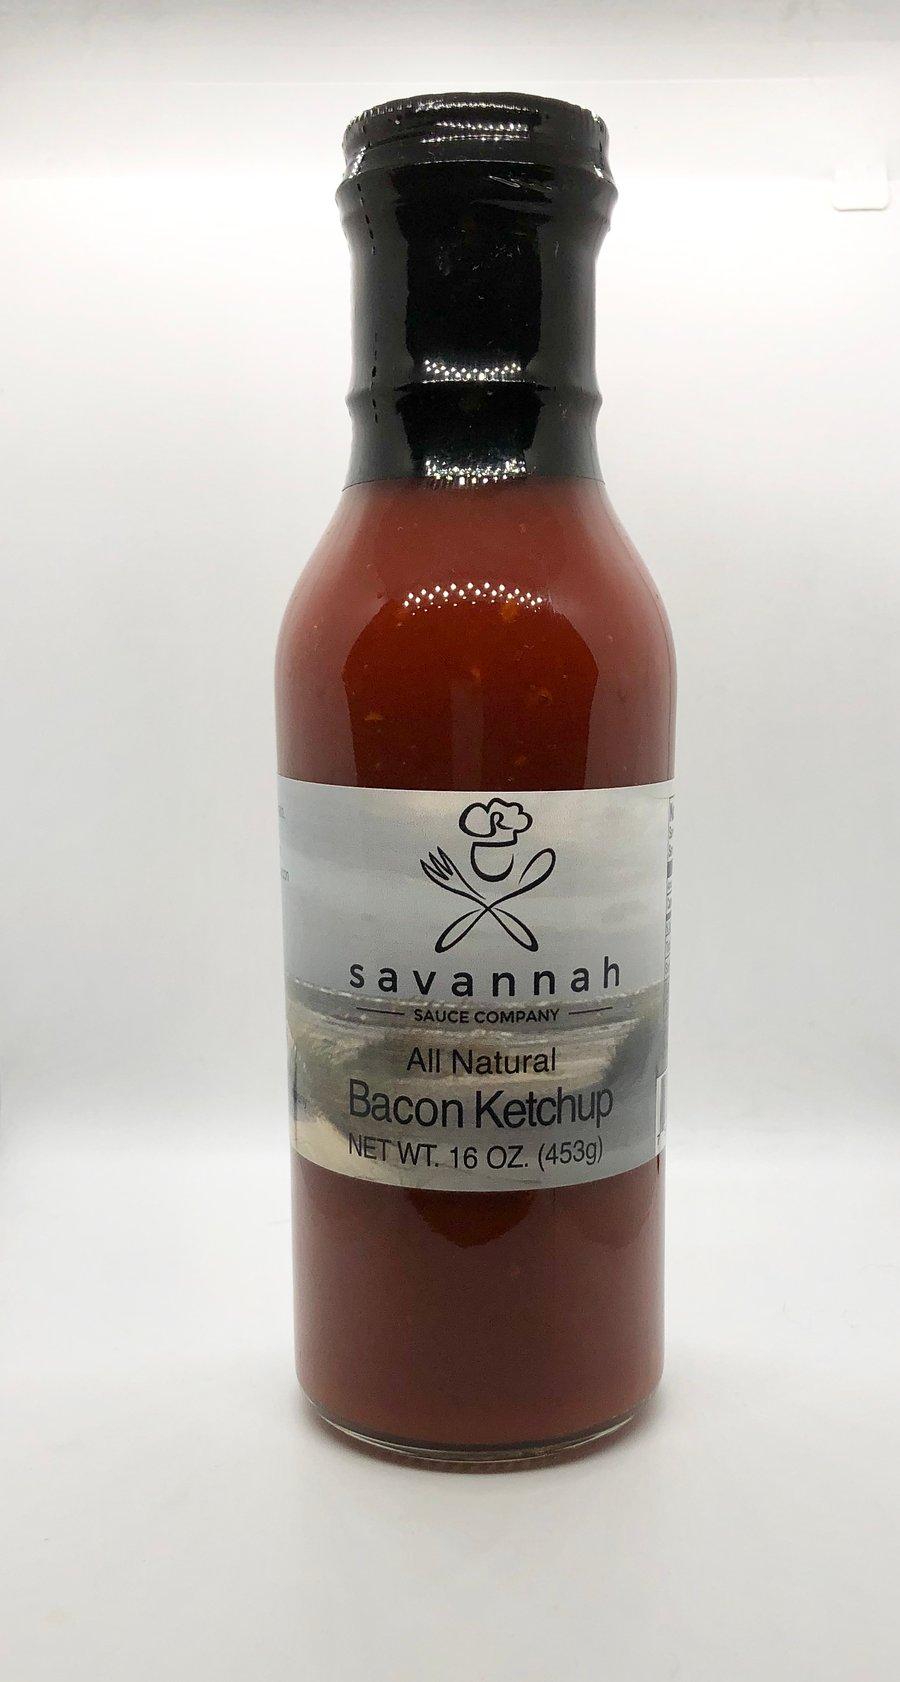 Image of Bacon Ketchup